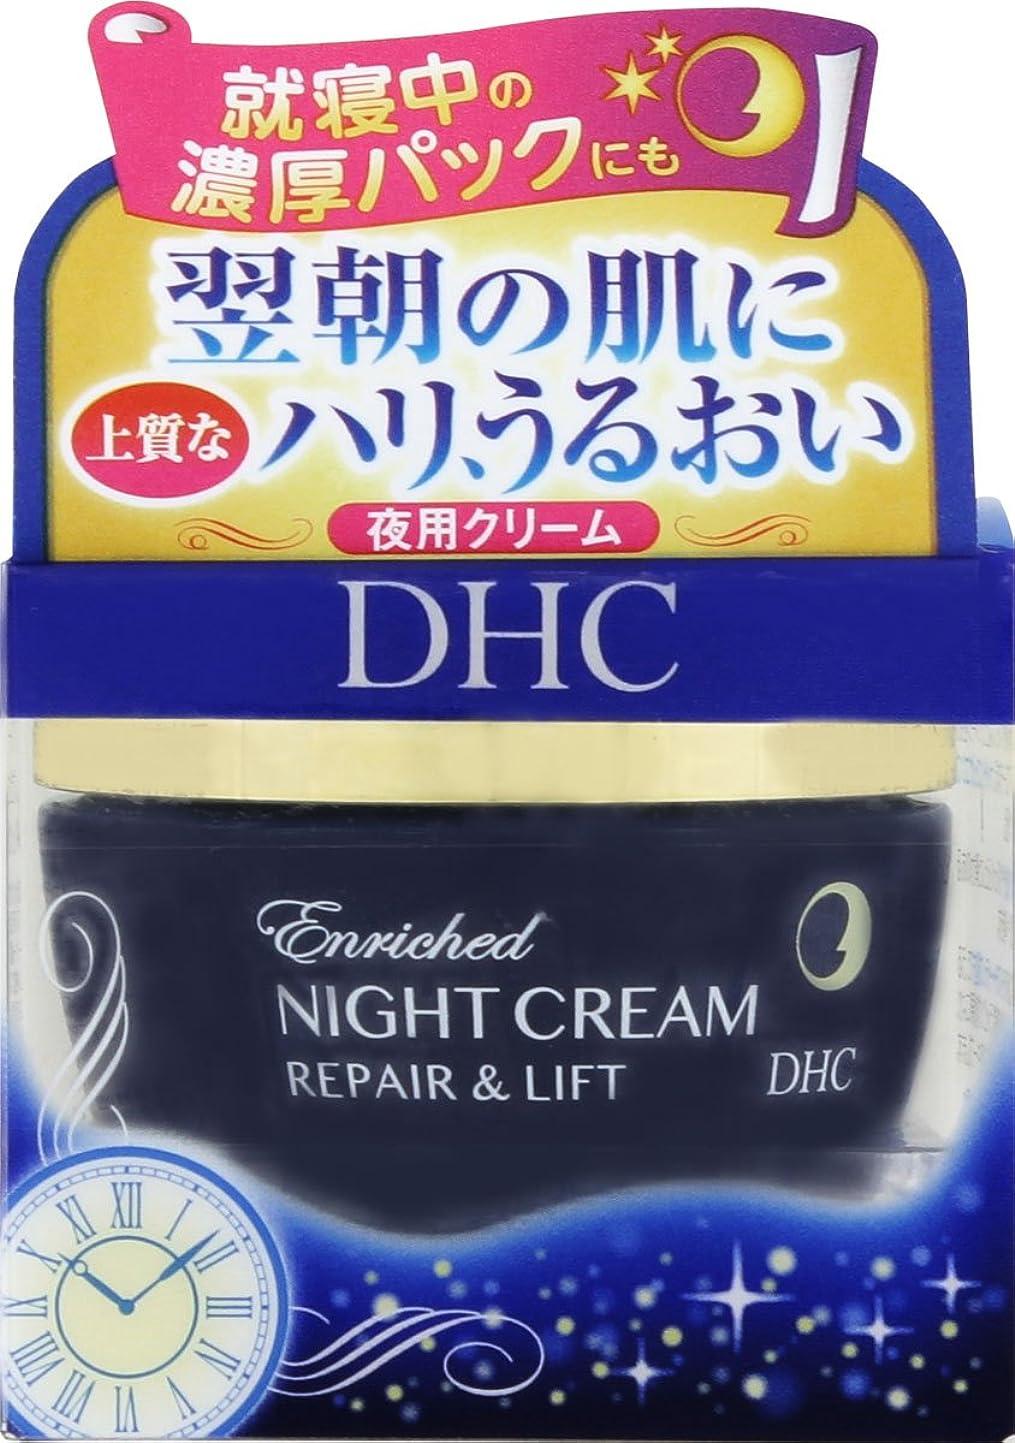 同情意味のあるまでDHC エンリッチナイトクリームR&L(SS)30g